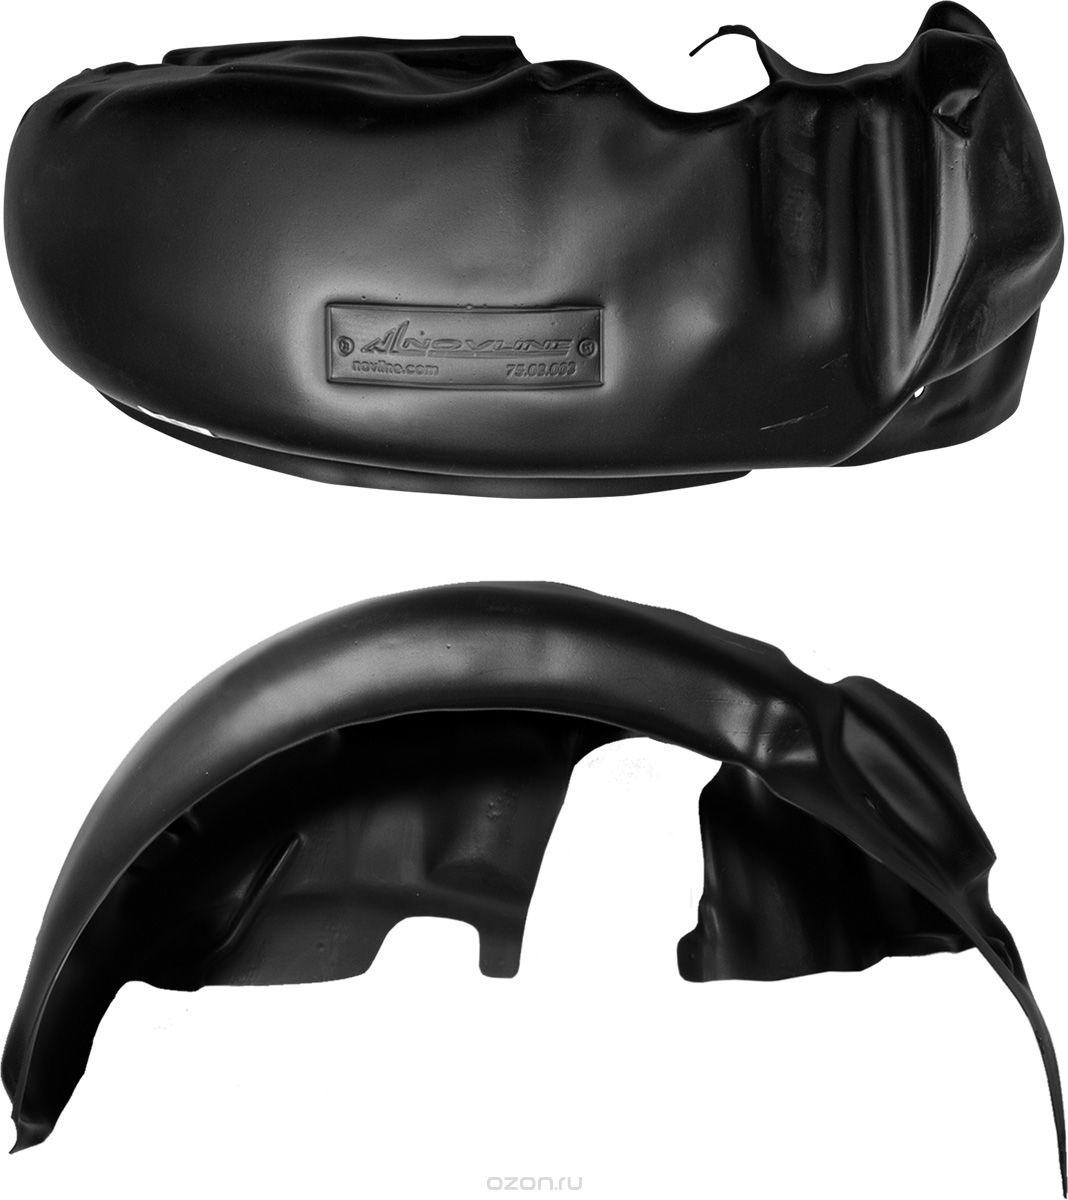 Подкрылок Novline-Autofamily, для SUZUKI Vitara, 03/2015->, задний левый42803002Идеальная защита колесной ниши. Локеры разработаны с применением цифровых технологий, гарантируют максимальную повторяемость поверхности арки. Изделия устанавливаются без нарушения лакокрасочного покрытия автомобиля, каждый подкрылок комплектуется крепежом. Уважаемые клиенты, обращаем ваше внимание, что фотографии на подкрылки универсальные и не отражают реальную форму изделия. При этом само изделие идет точно под размер указанного автомобиля.